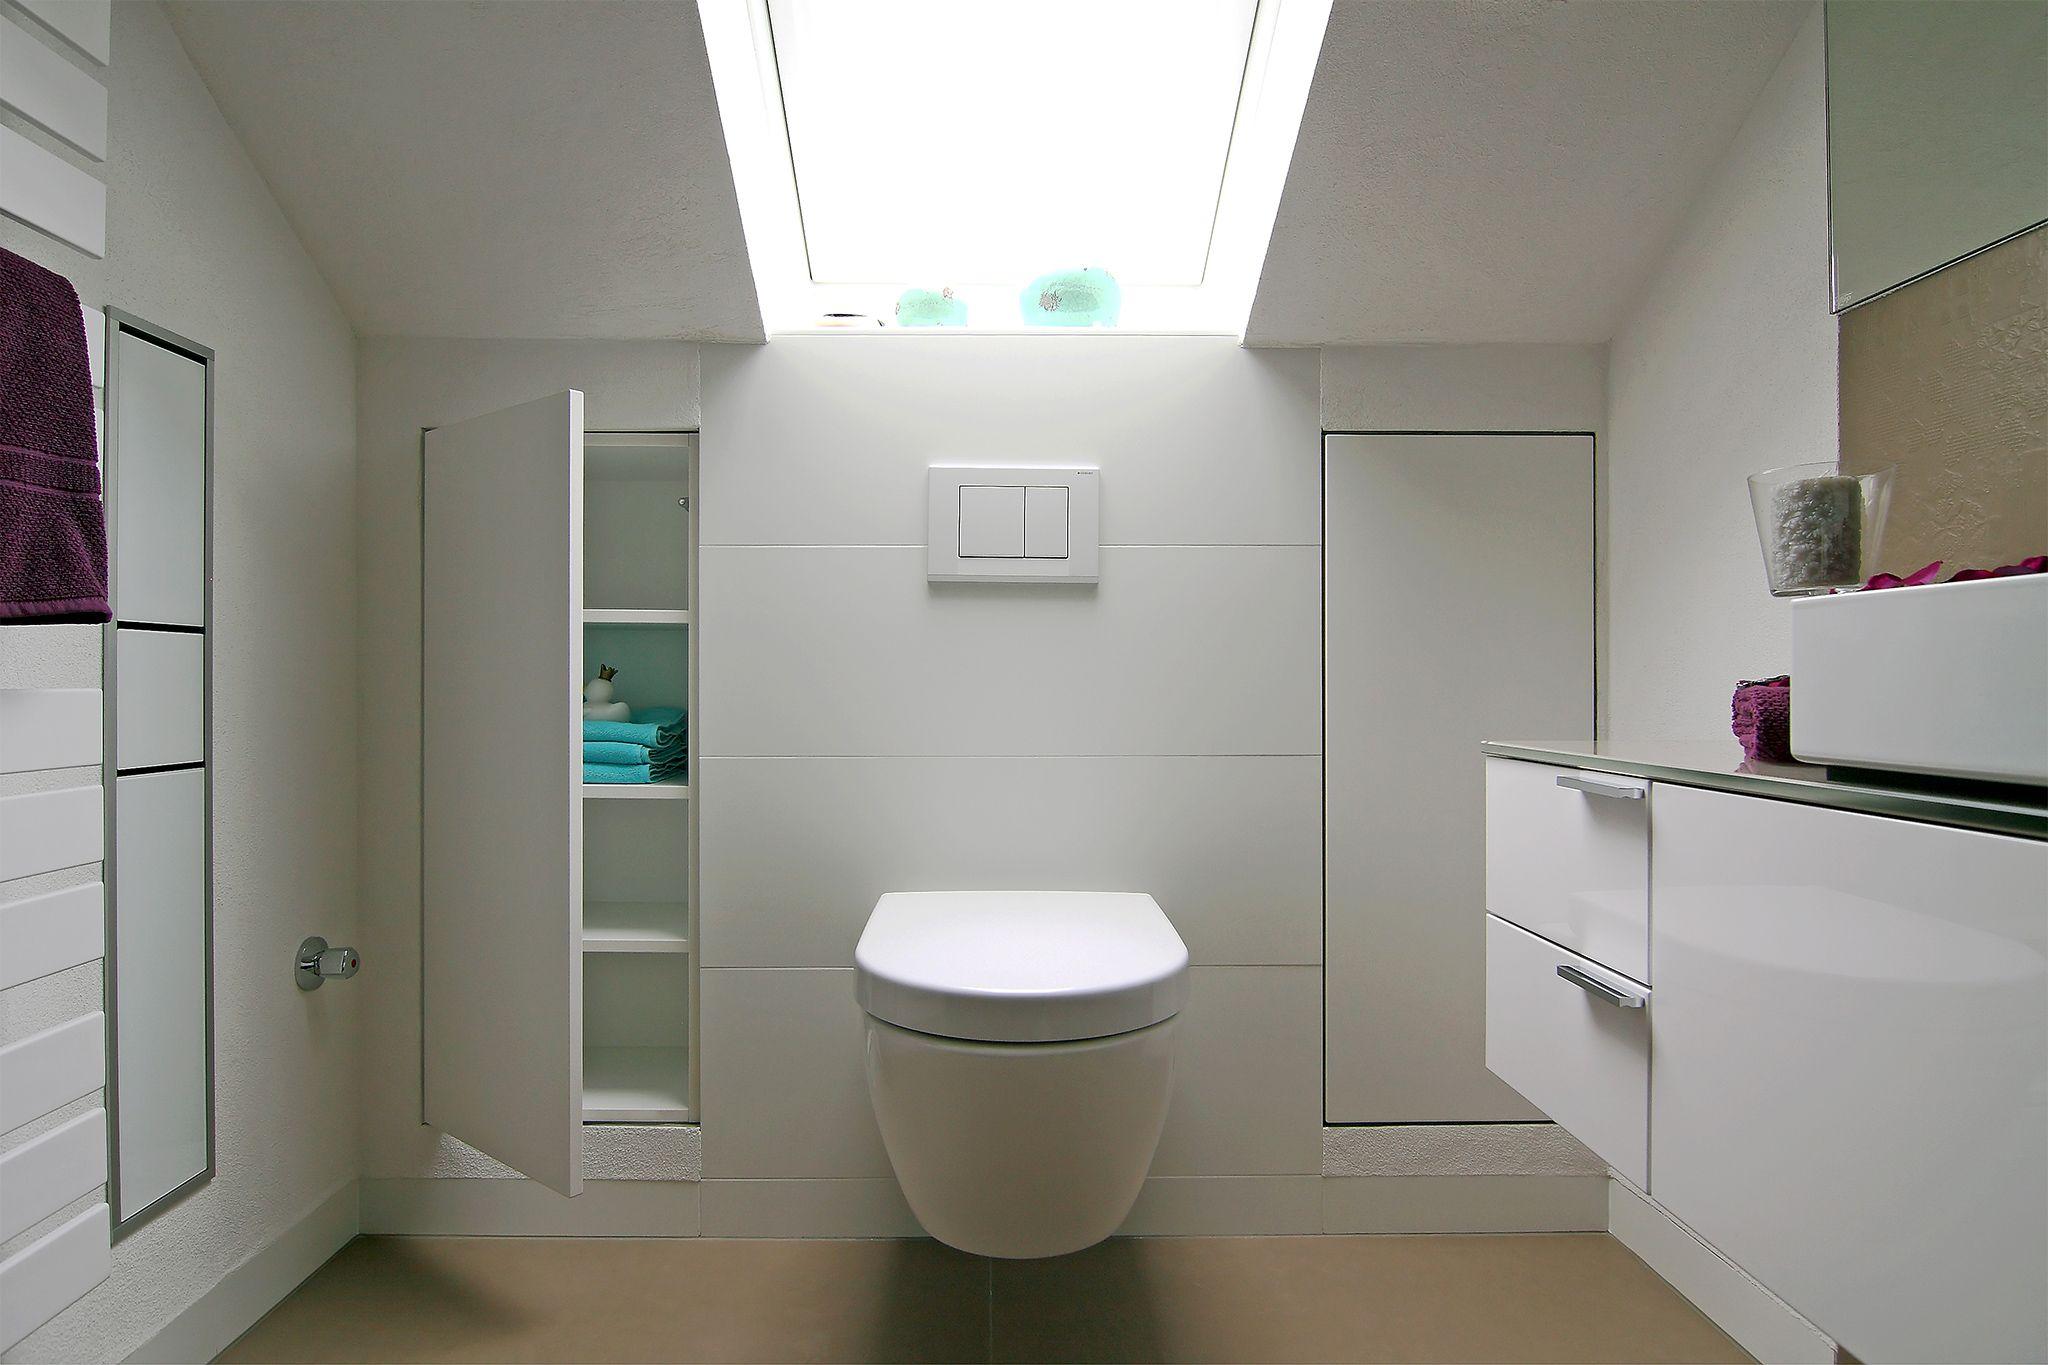 Badezimmer Einbauschrank kleines bad mit dachschräge birenbach 73102 bw einbauschränke